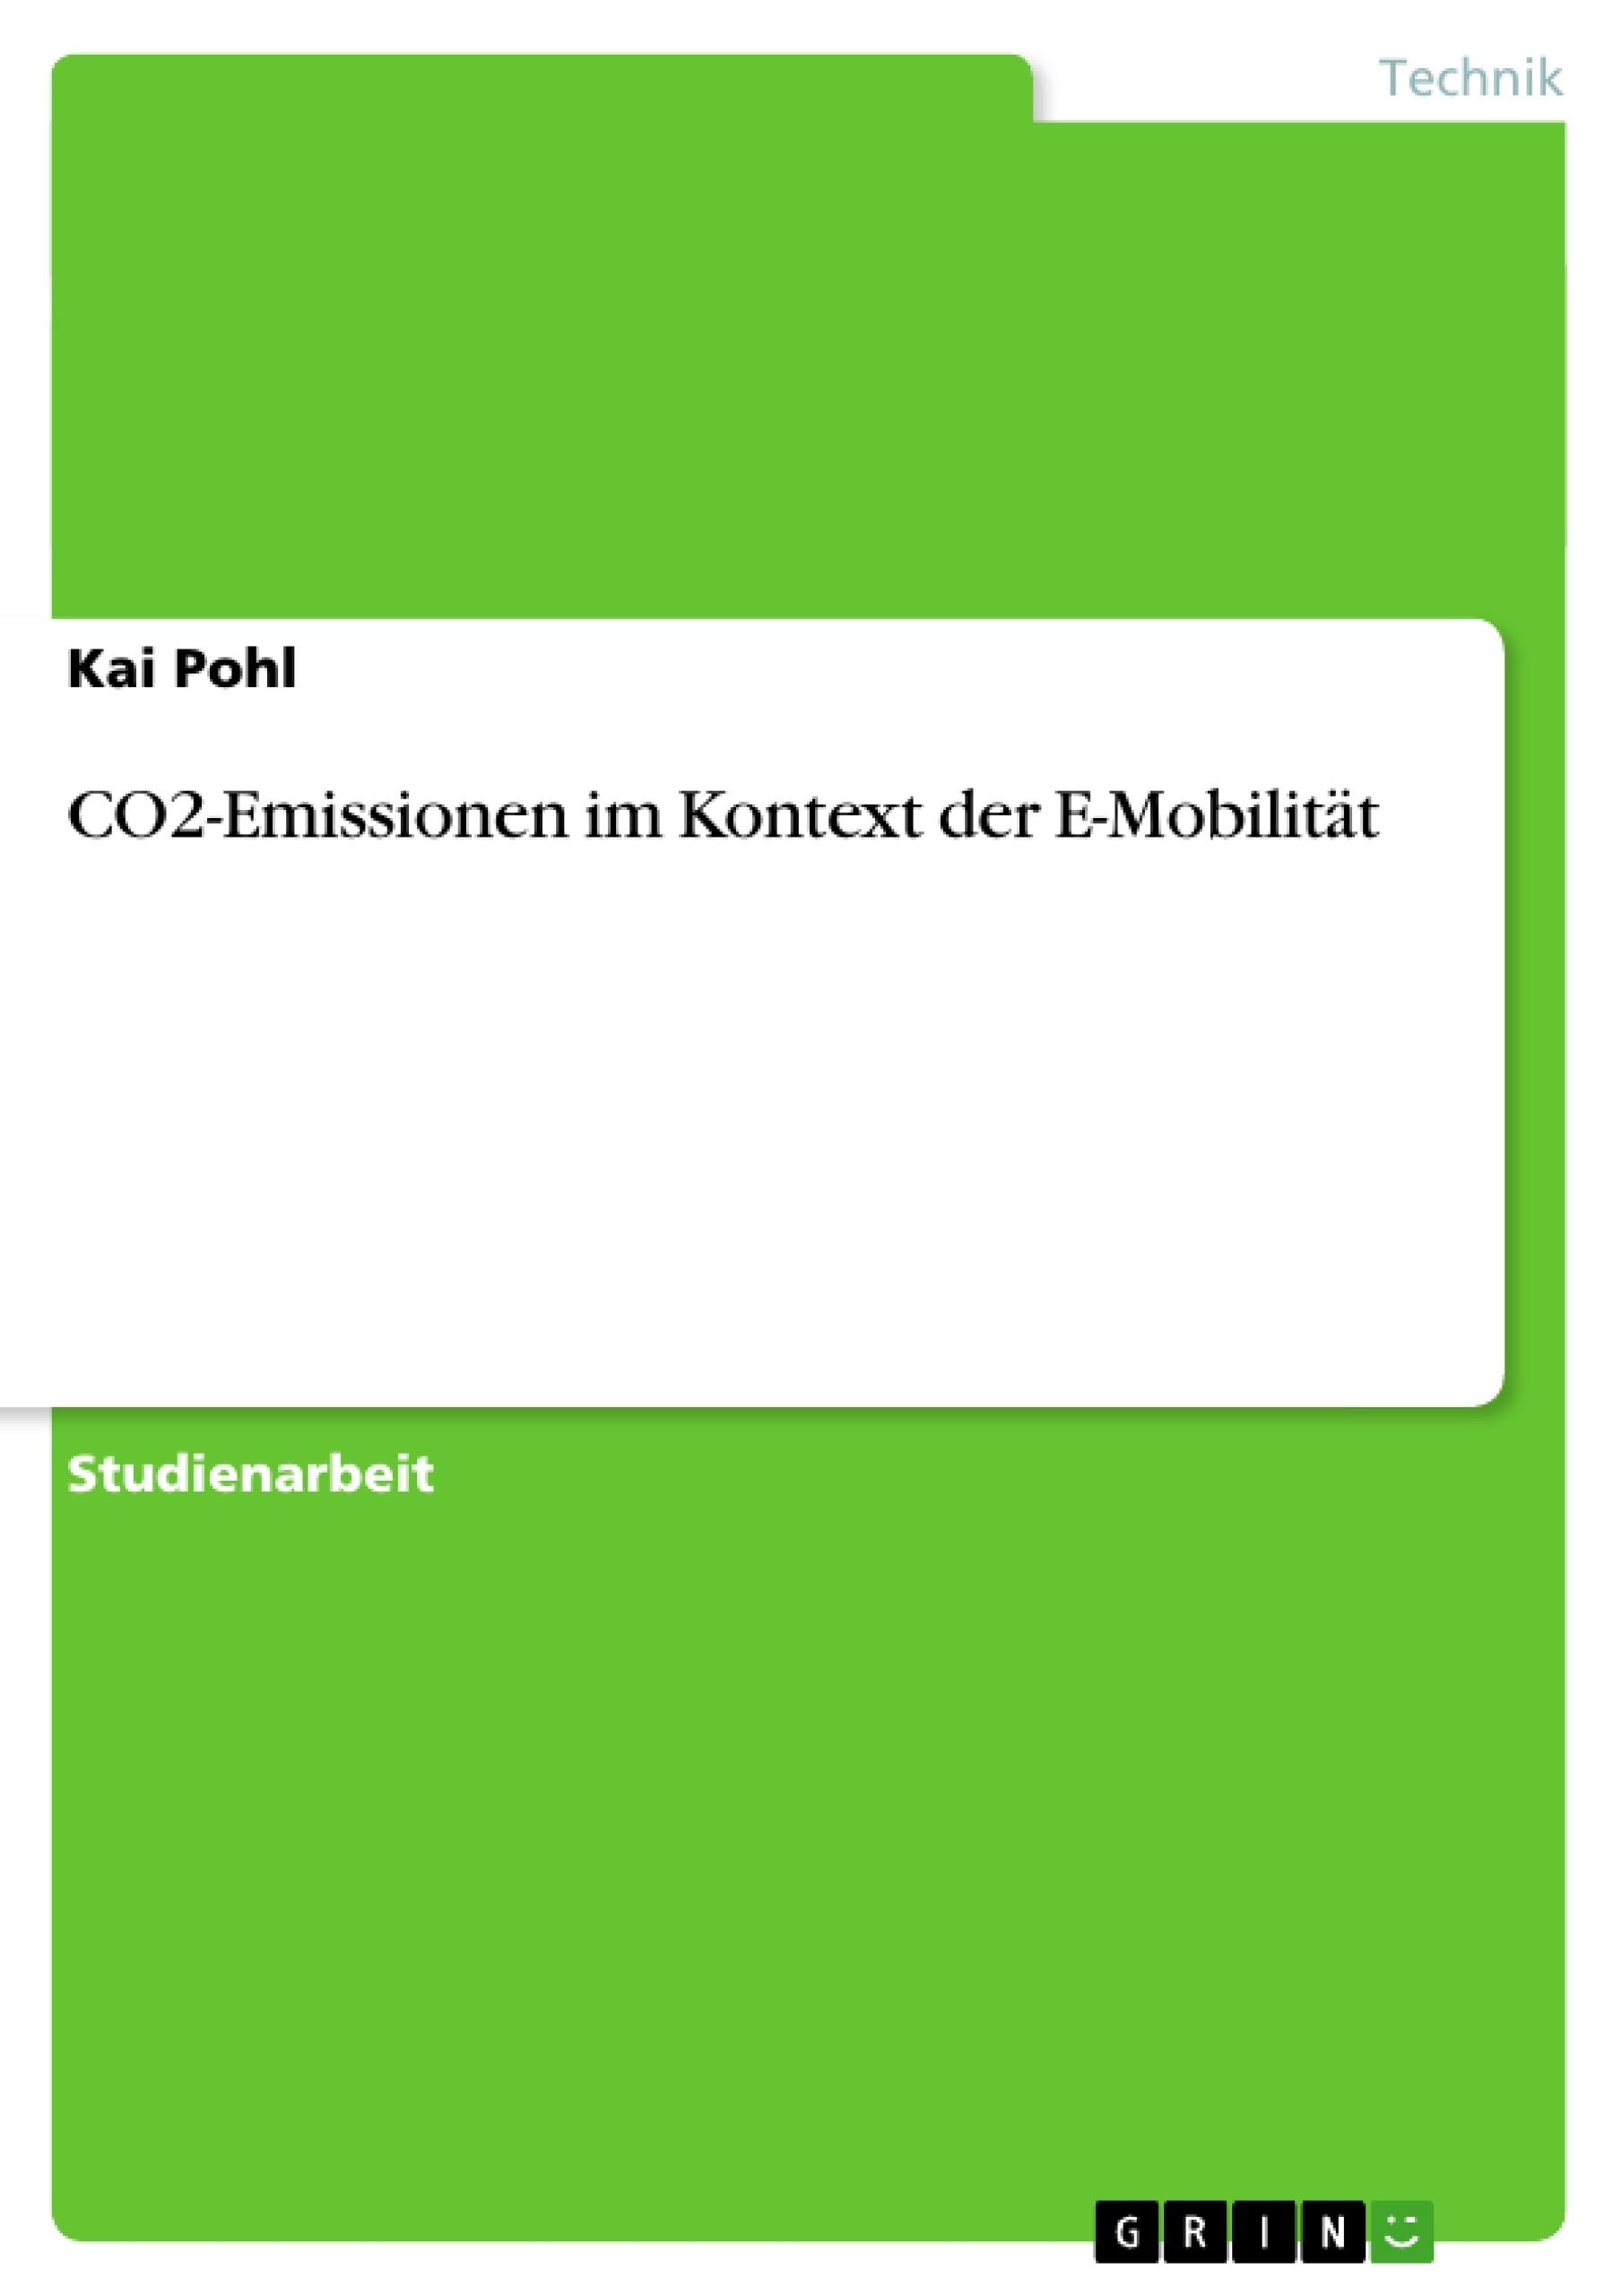 Titel: CO2-Emissionen im Kontext der E-Mobilität